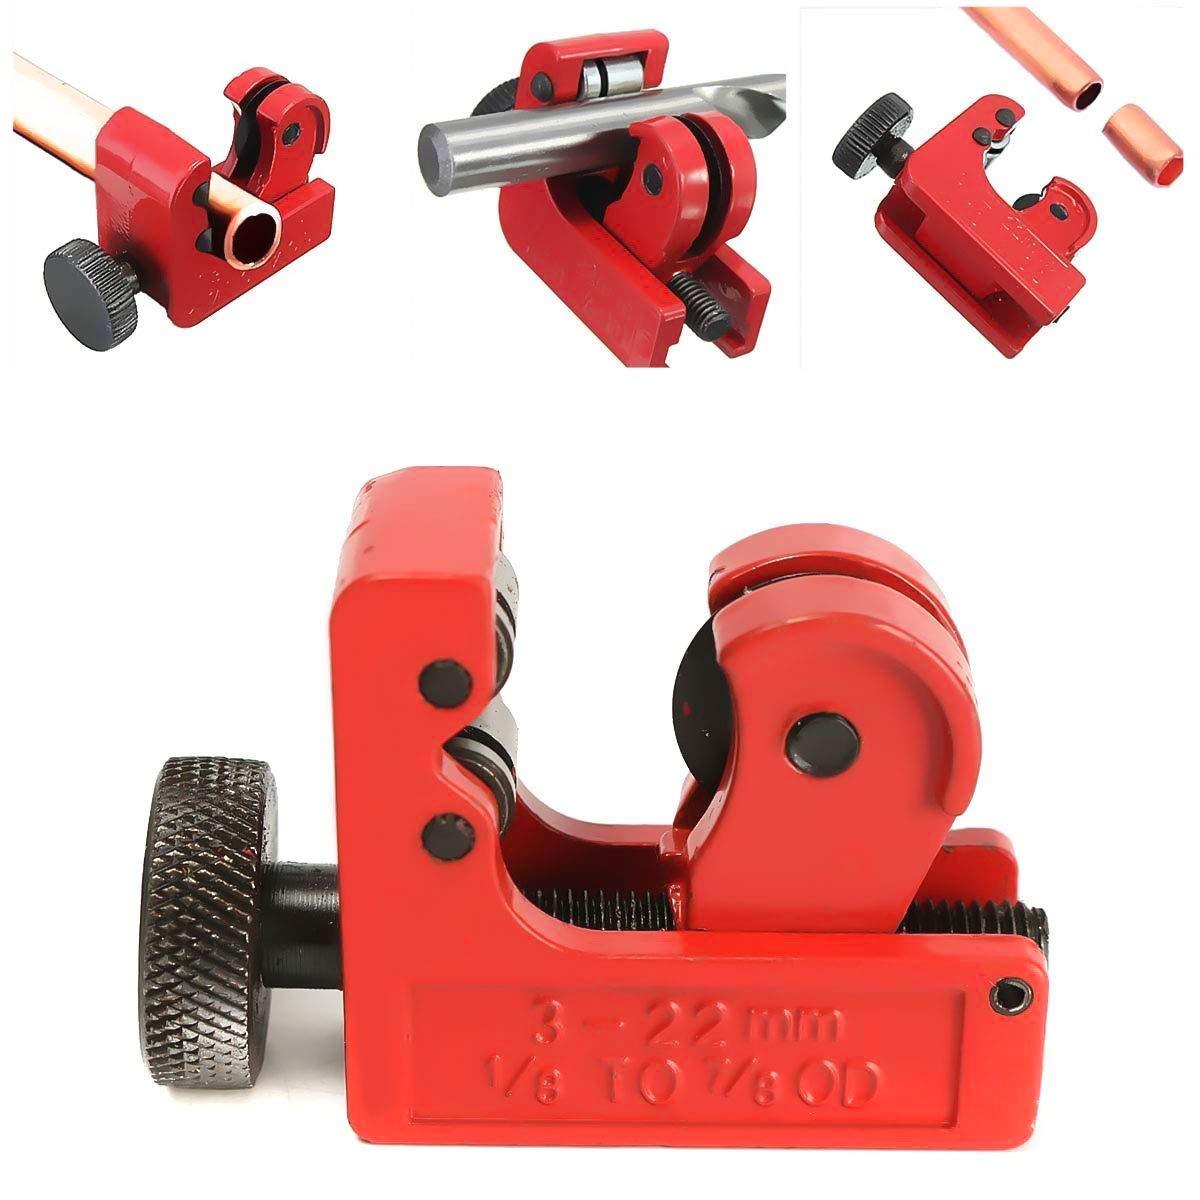 Mini Rohrschneider, SECARIER Ø 3-22 mm Rohrabschneider Kupferrohrschneider Schneidwerkzeuge für Schneiden von Rohren aus Kupfer, Messing, PVC Aluminium, Kunststoff